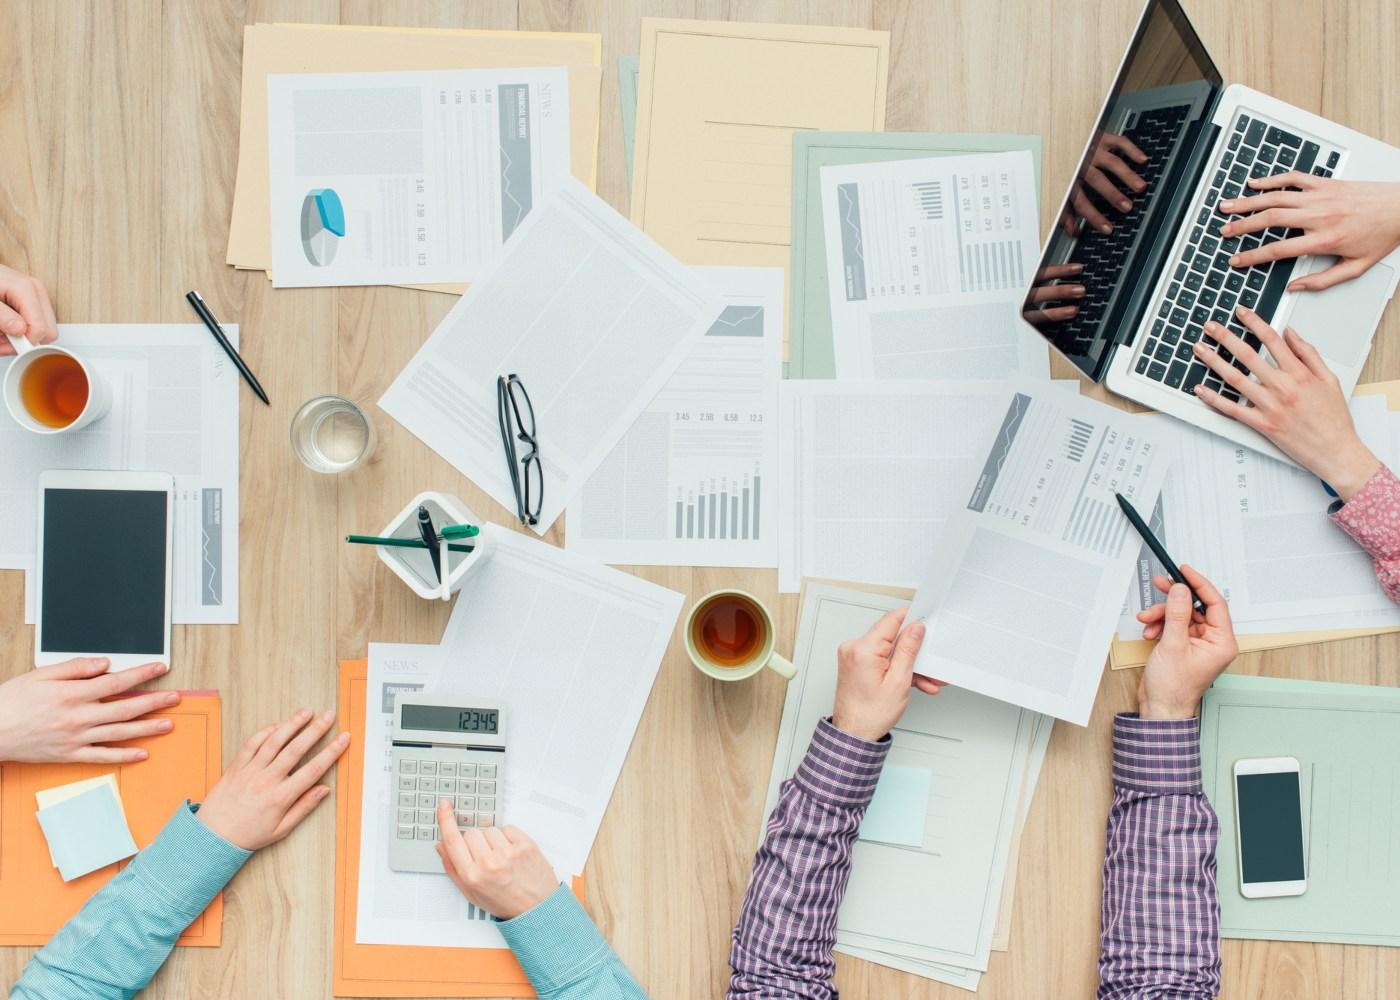 vista de cima de mesa de trabalho com documentos e computadores